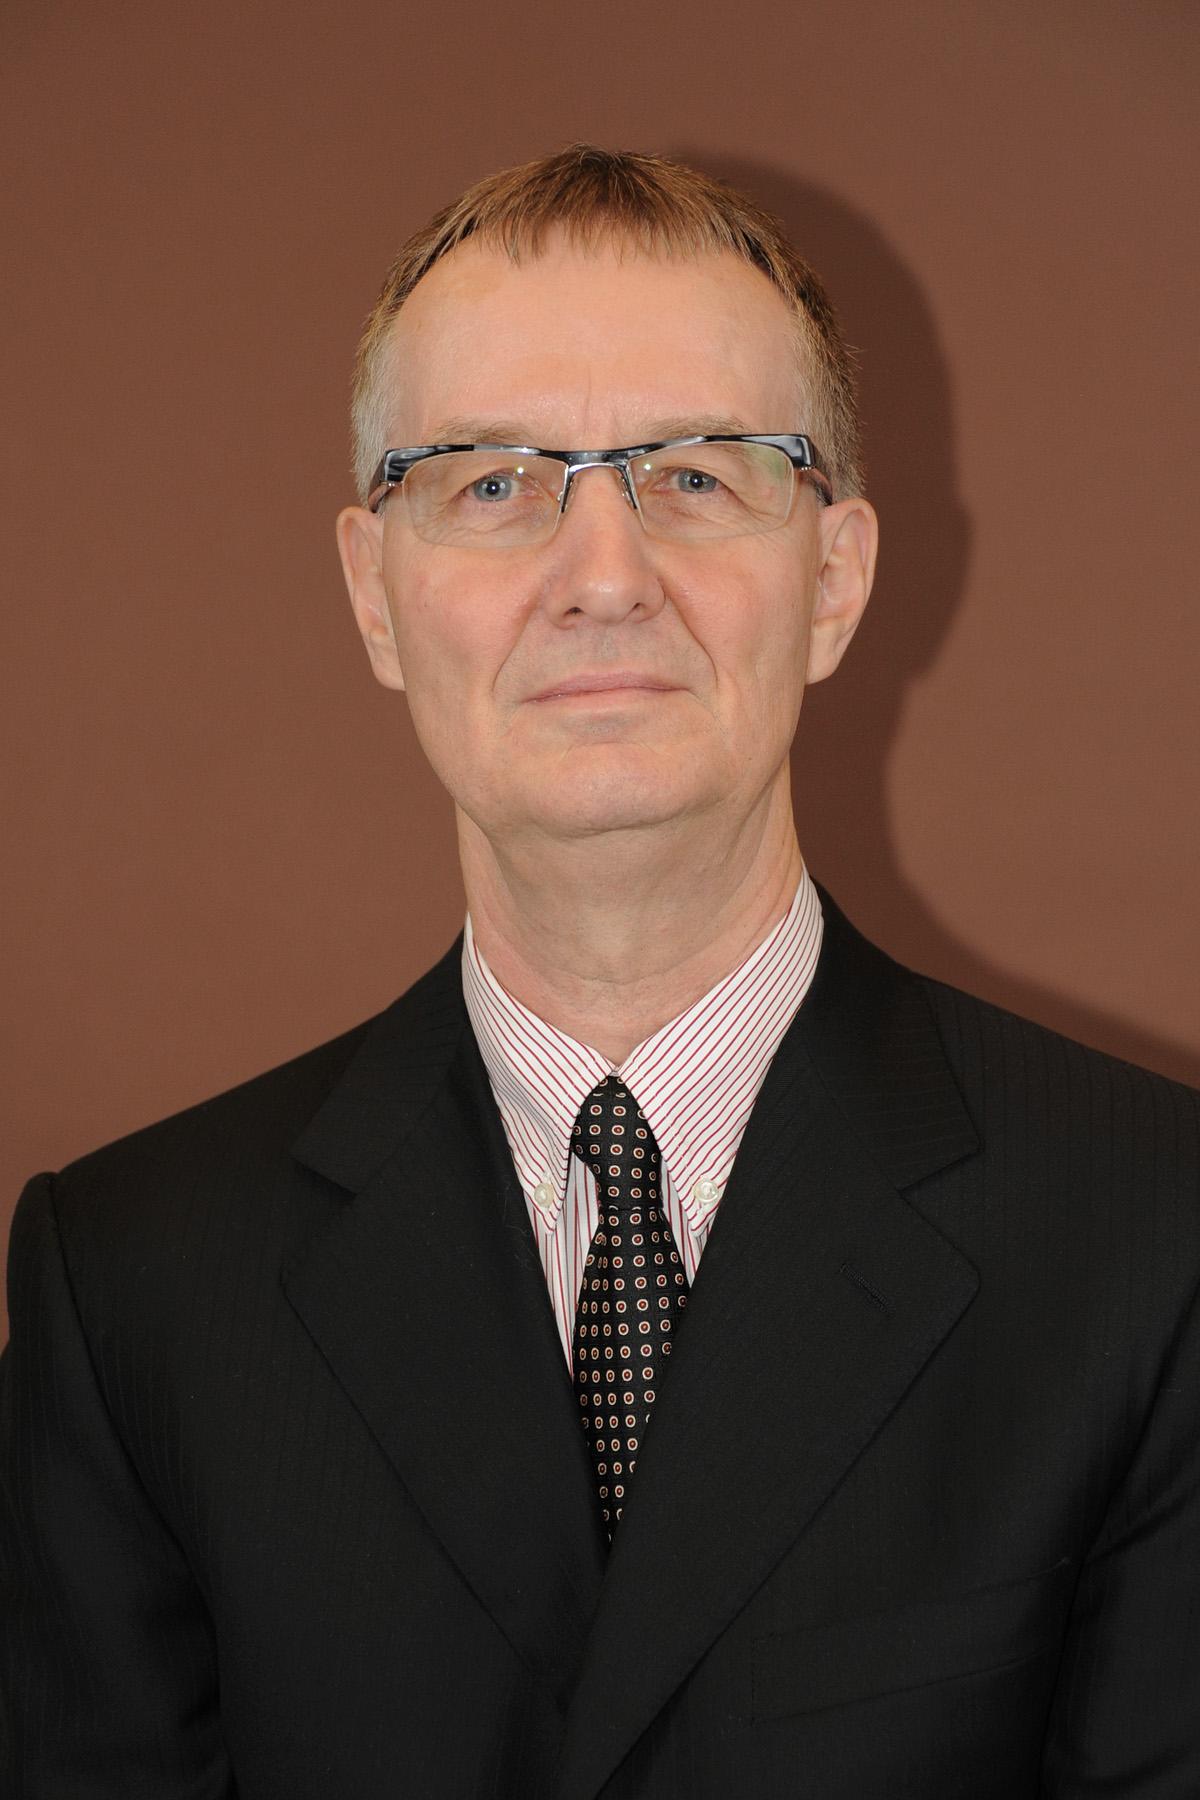 Michael Behiels